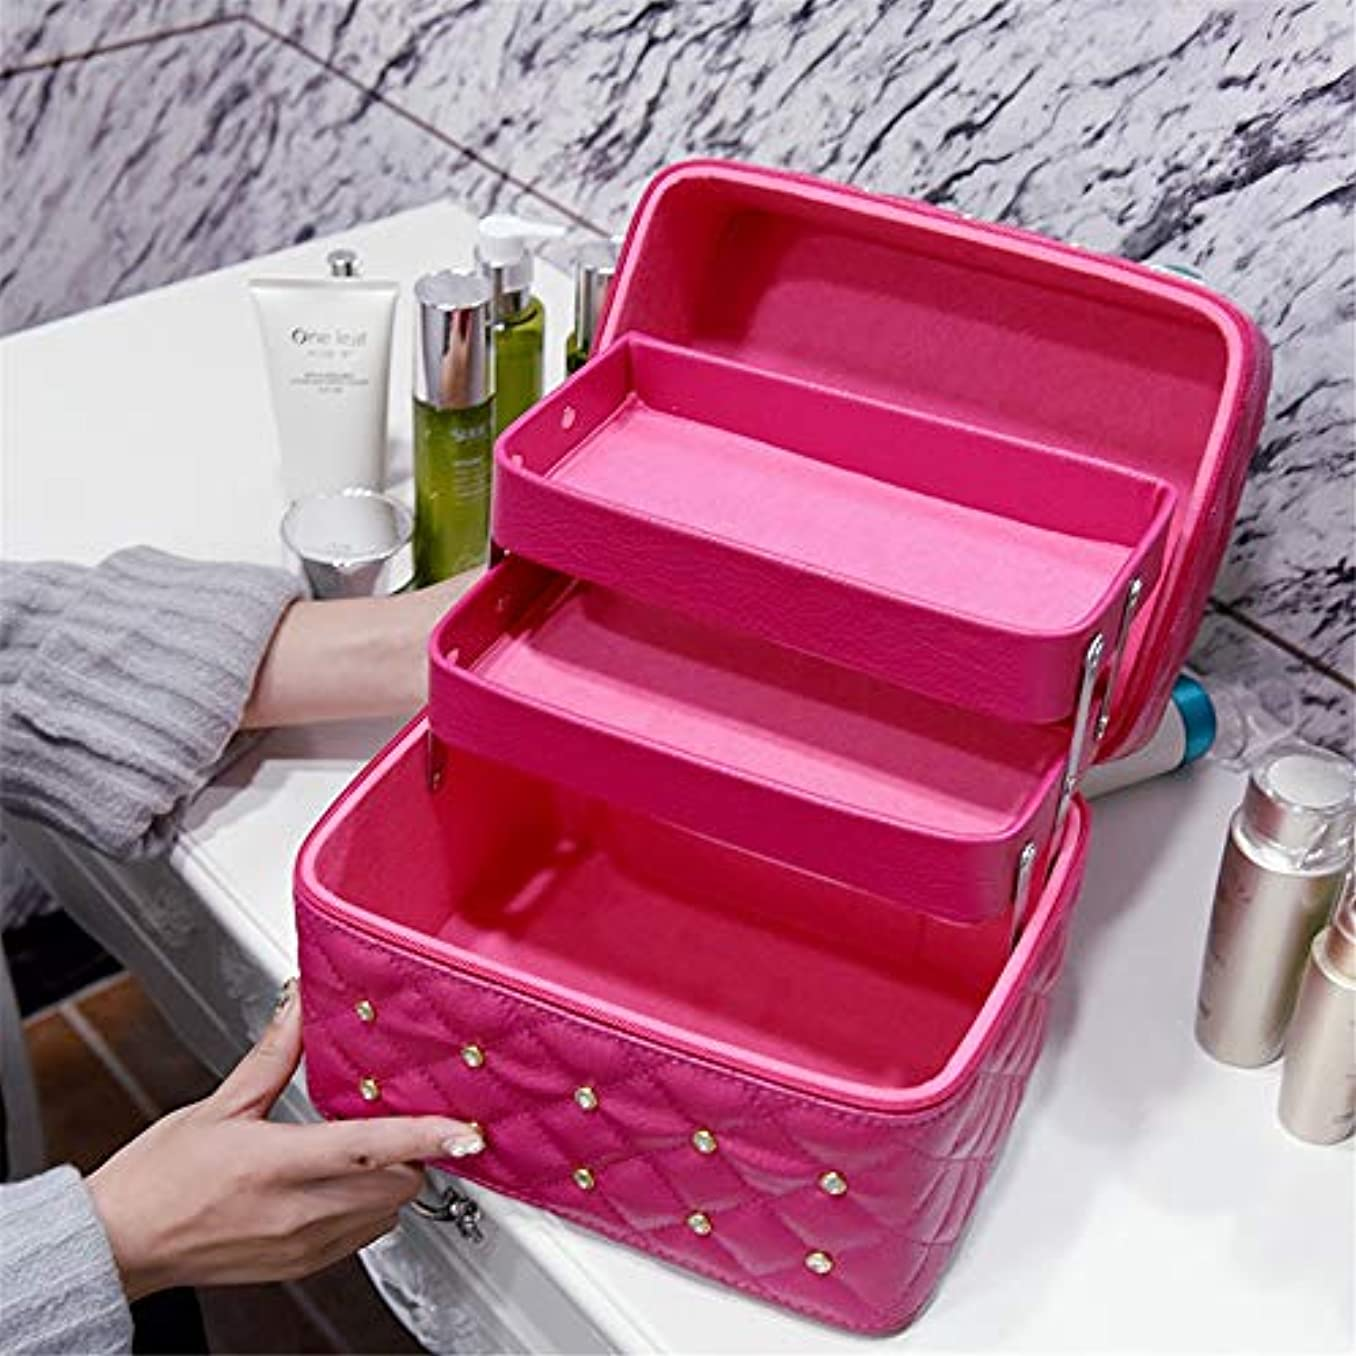 コットン取り扱い段階化粧オーガナイザーバッグ メイクアップトラベルバッグPUレター防水化粧ケースティーン女の子の女性のアーティストのための 化粧品ケース